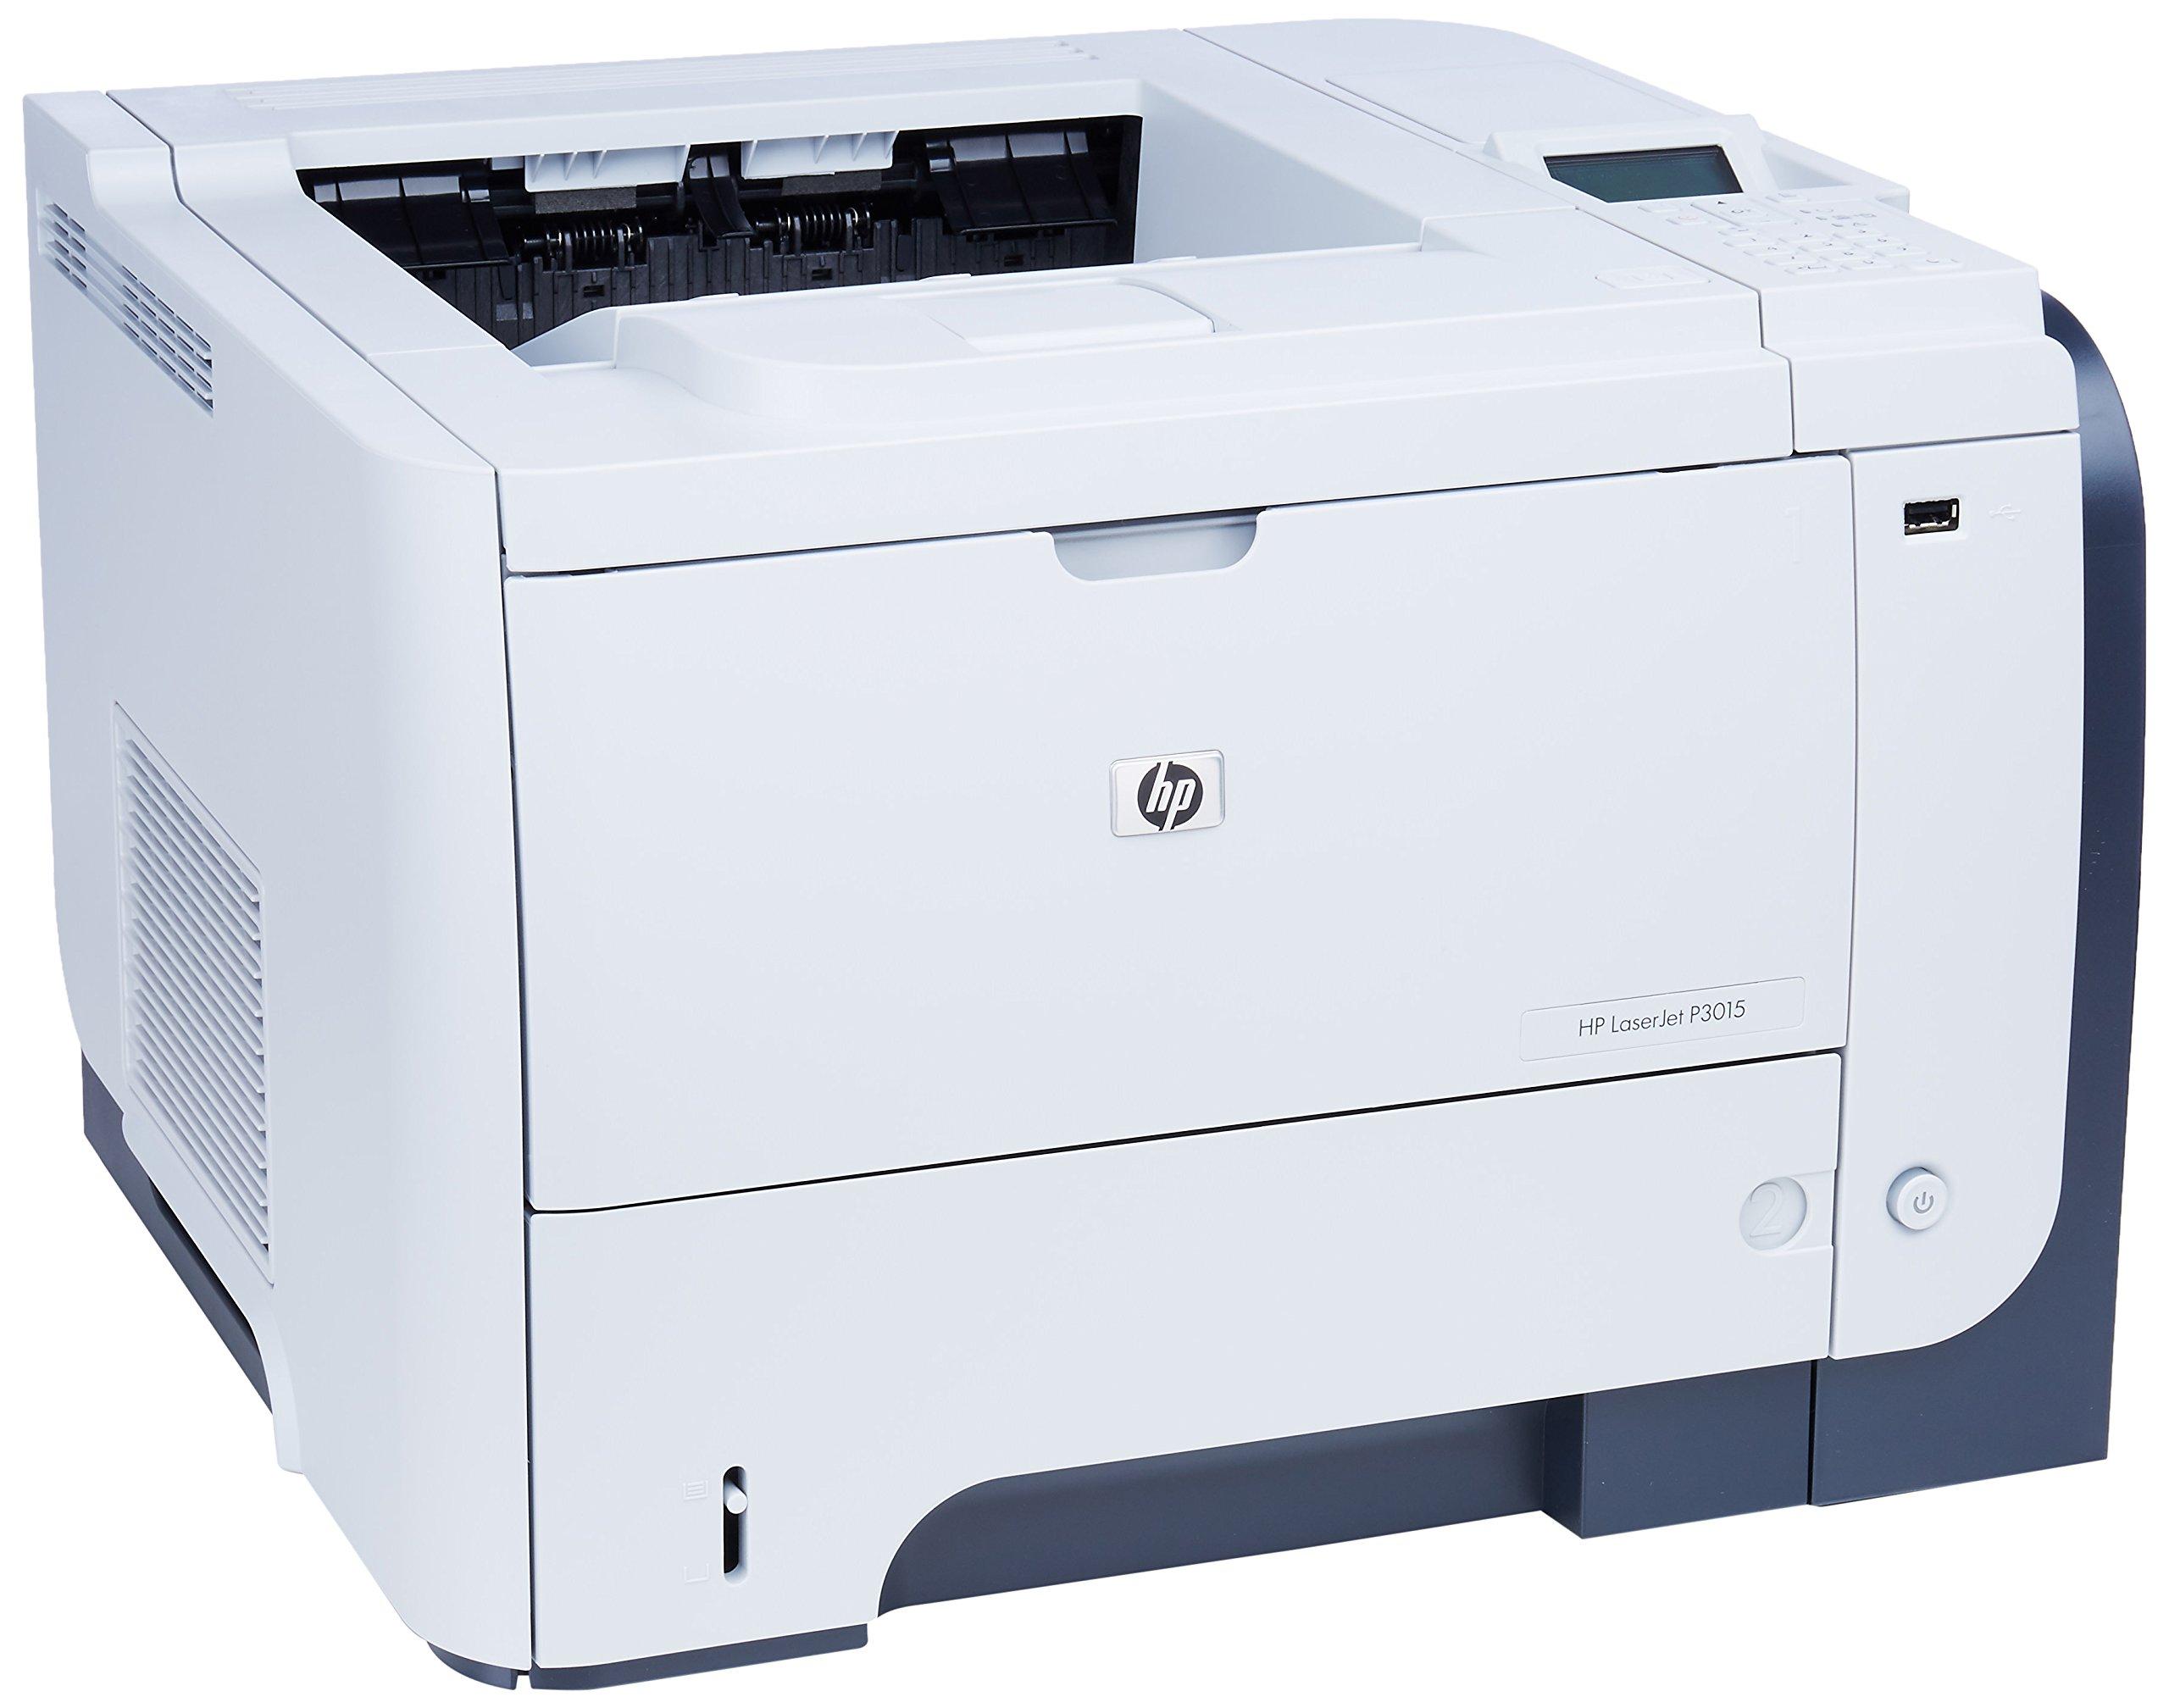 HP Laserjet P3015dn Printer, (CE528A)